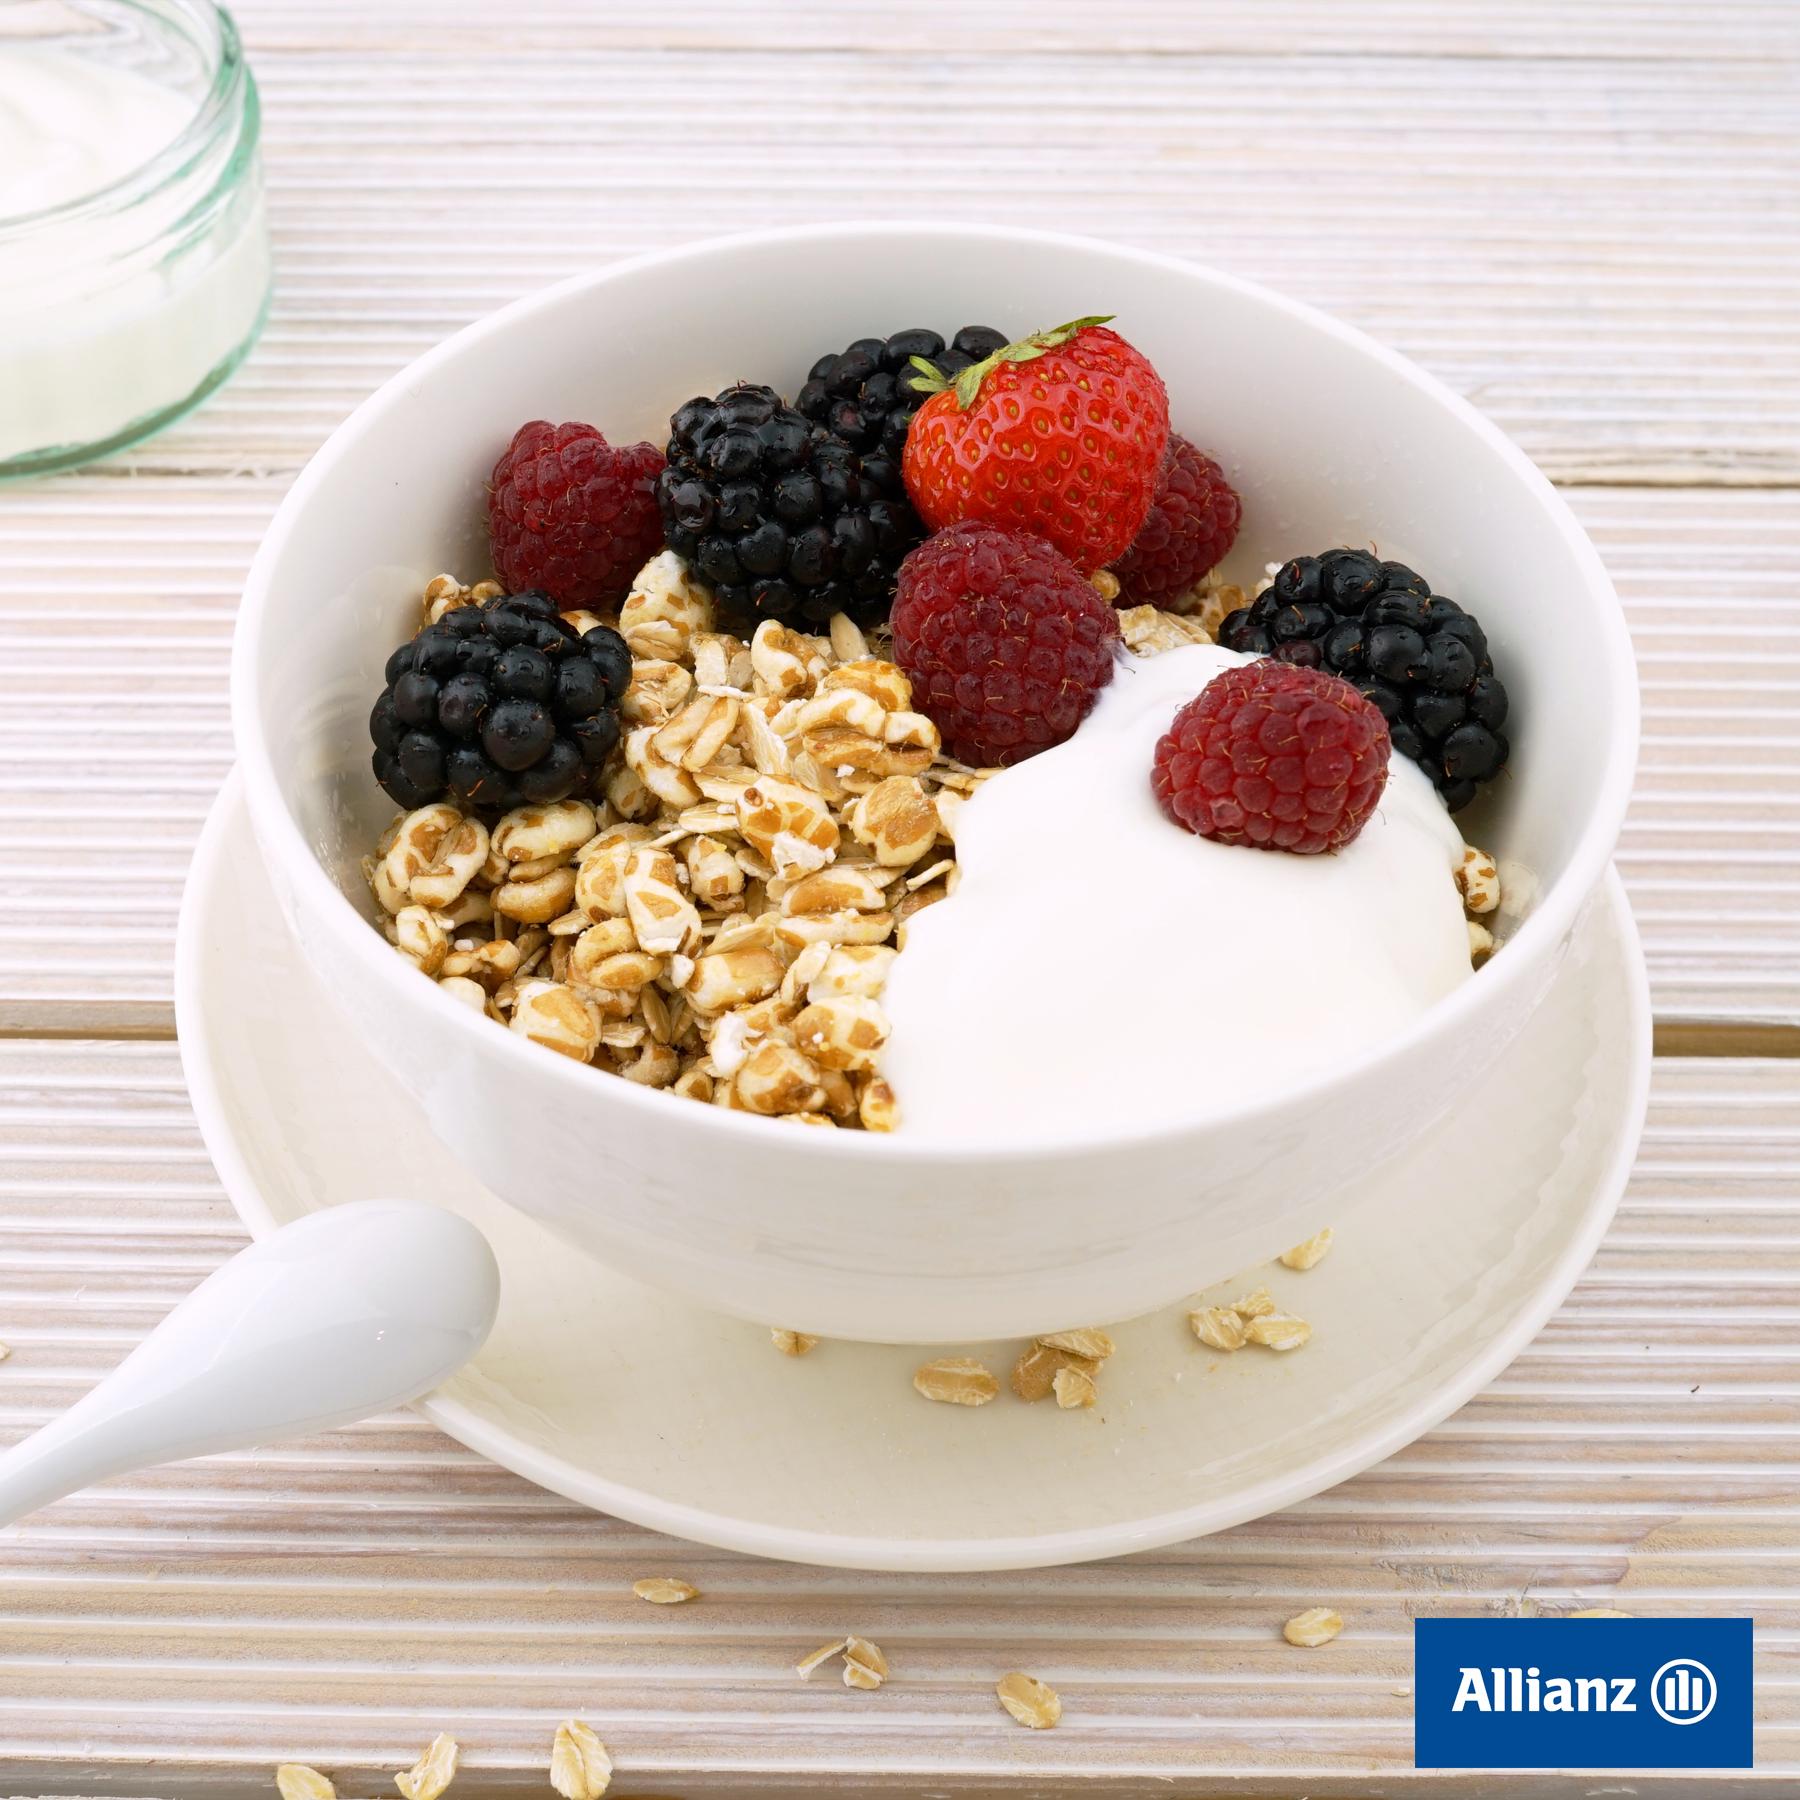 T. 650200641 Tu agente y asesor financiero 24h de Allianz Seguros ¿Sabías que nuestra alimentación influye en nuestro estado de ánimo? Por eso una alimentación saludable nos ayuda también a sentirnos bien tanto por dentro como por fuera. ¡Cuídate!